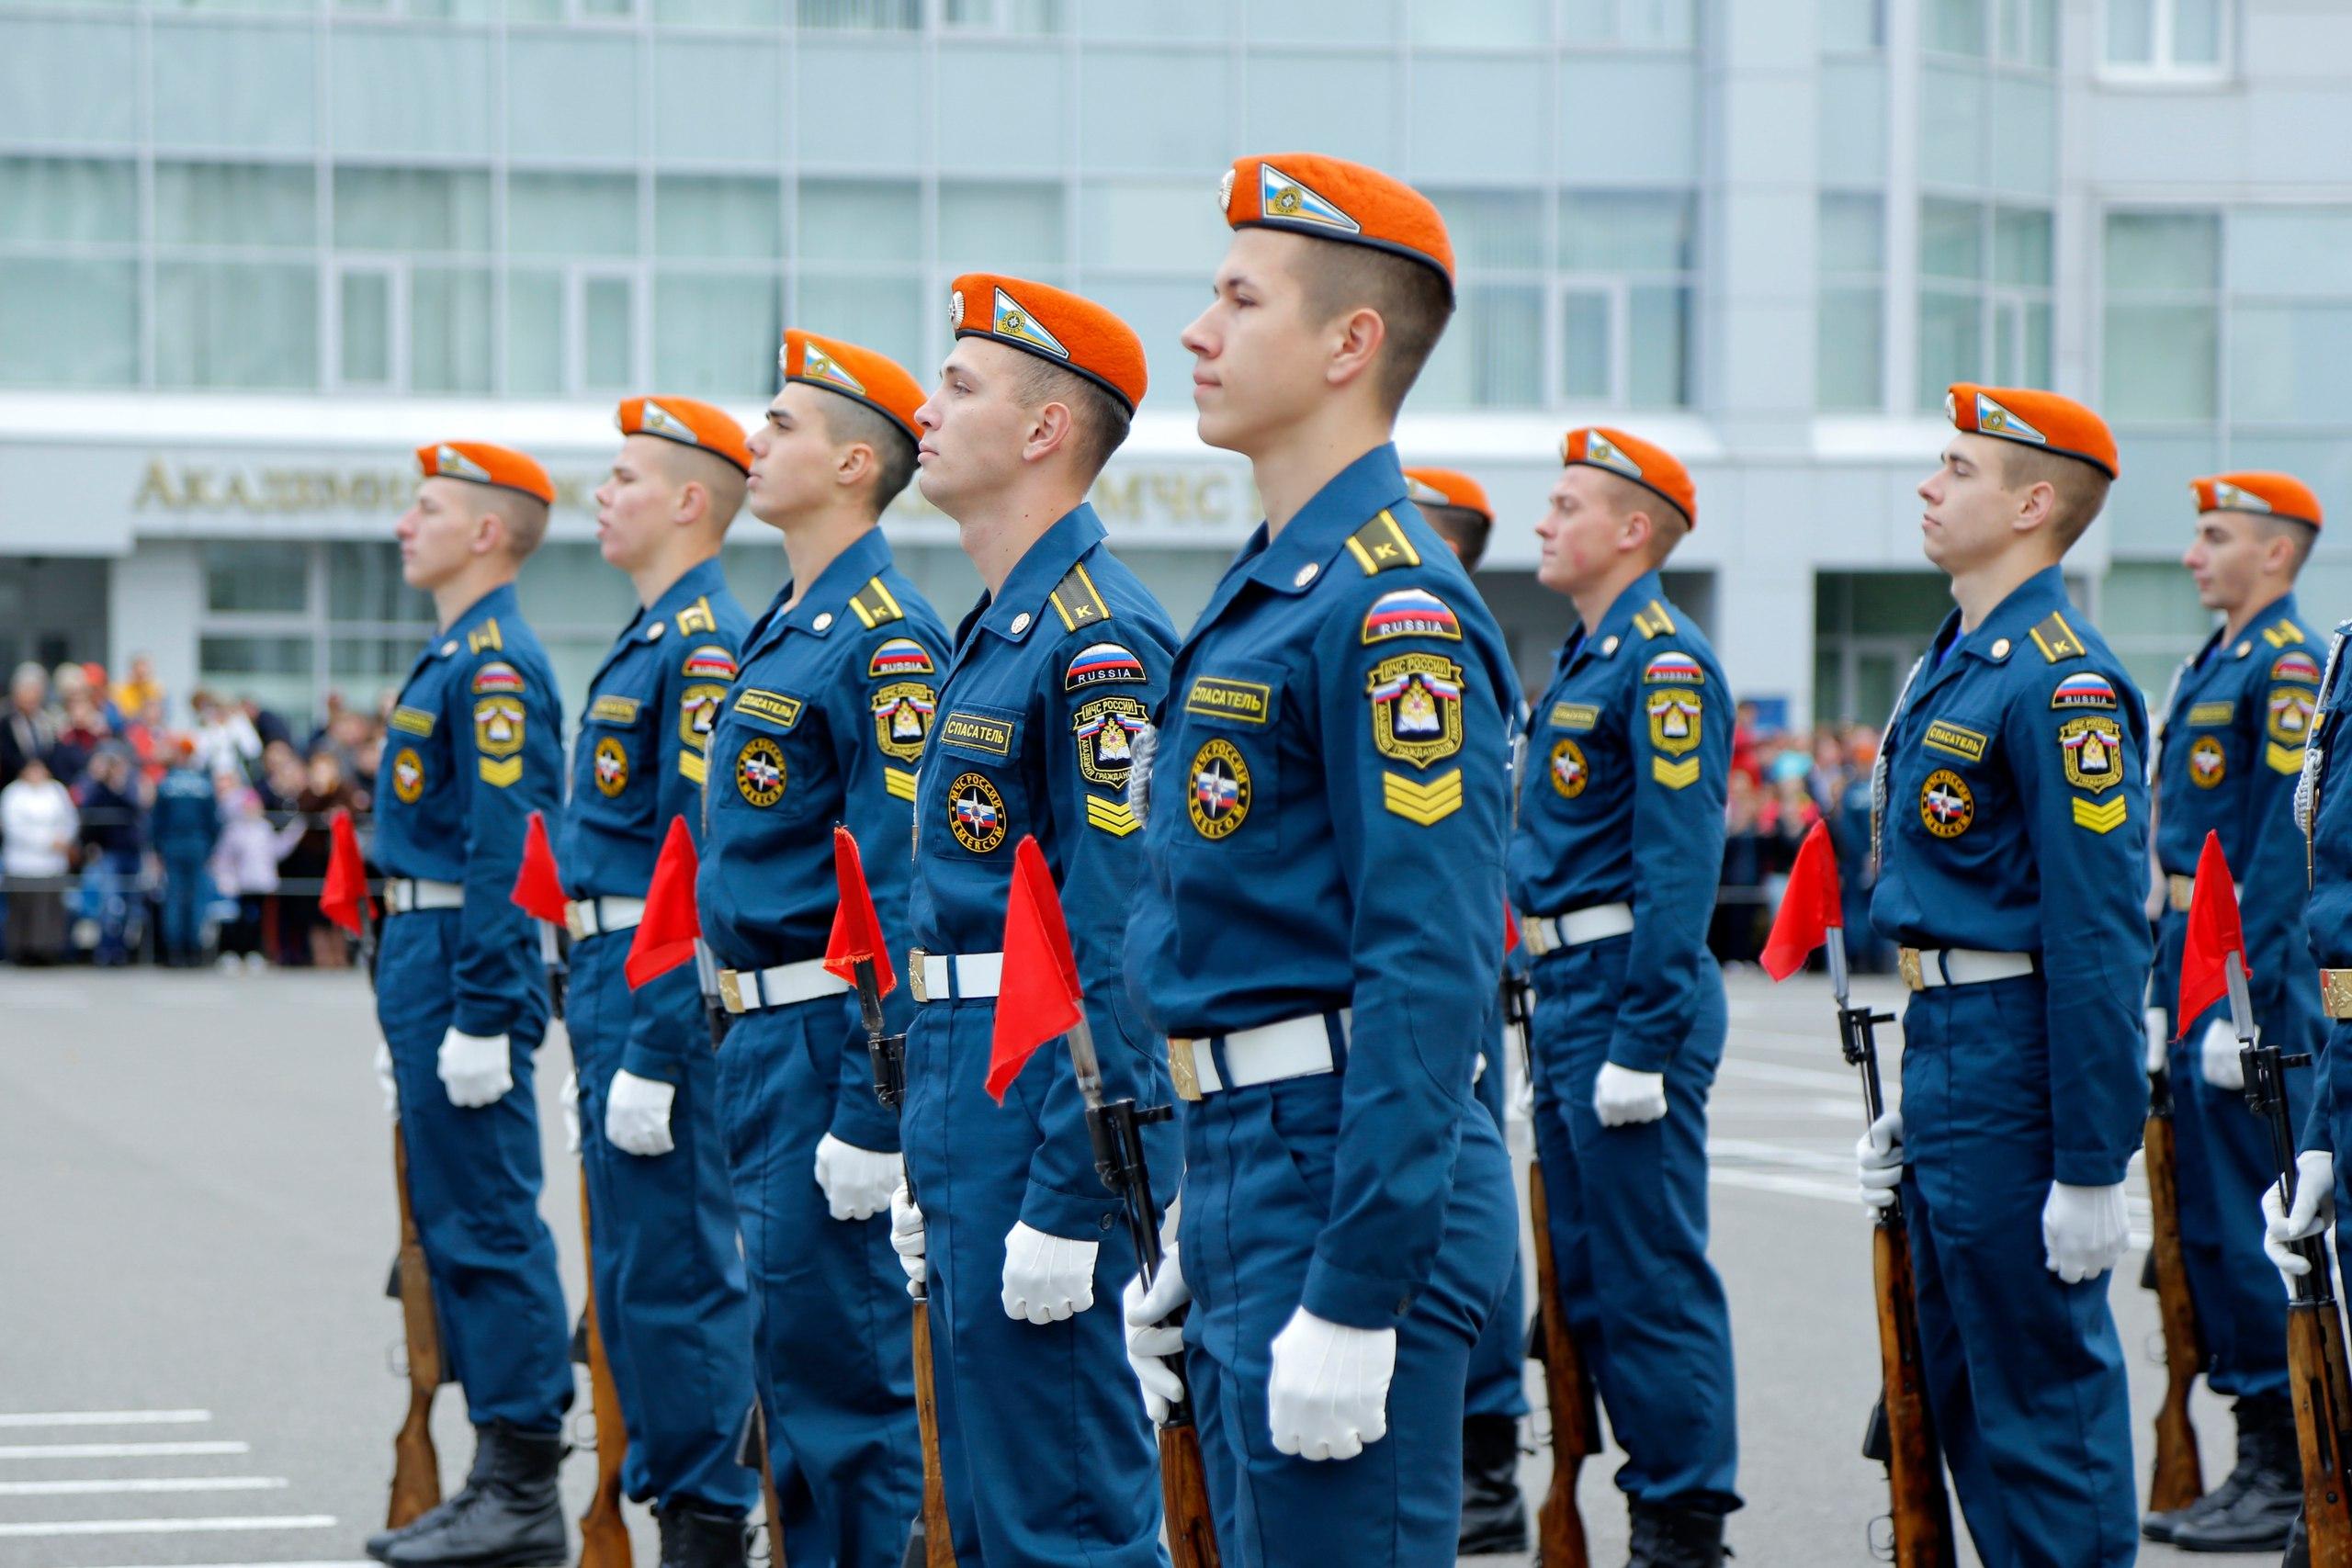 МЧС России планирует увеличить квоты казахстанцам для поступления в ведомственные вузы